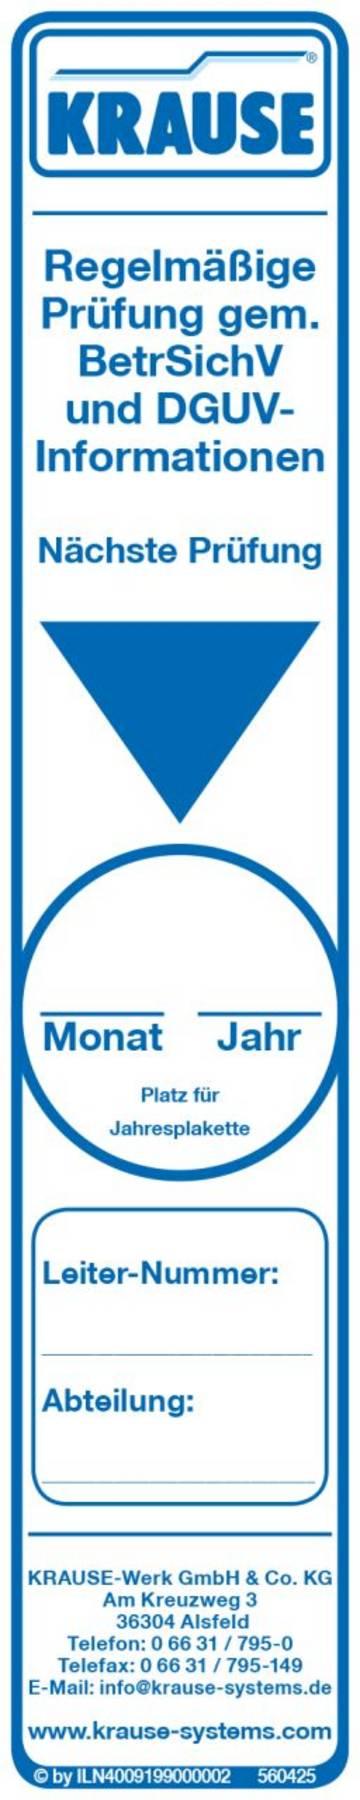 Zur Kennzeichnung durchgeführter Prüfungen.